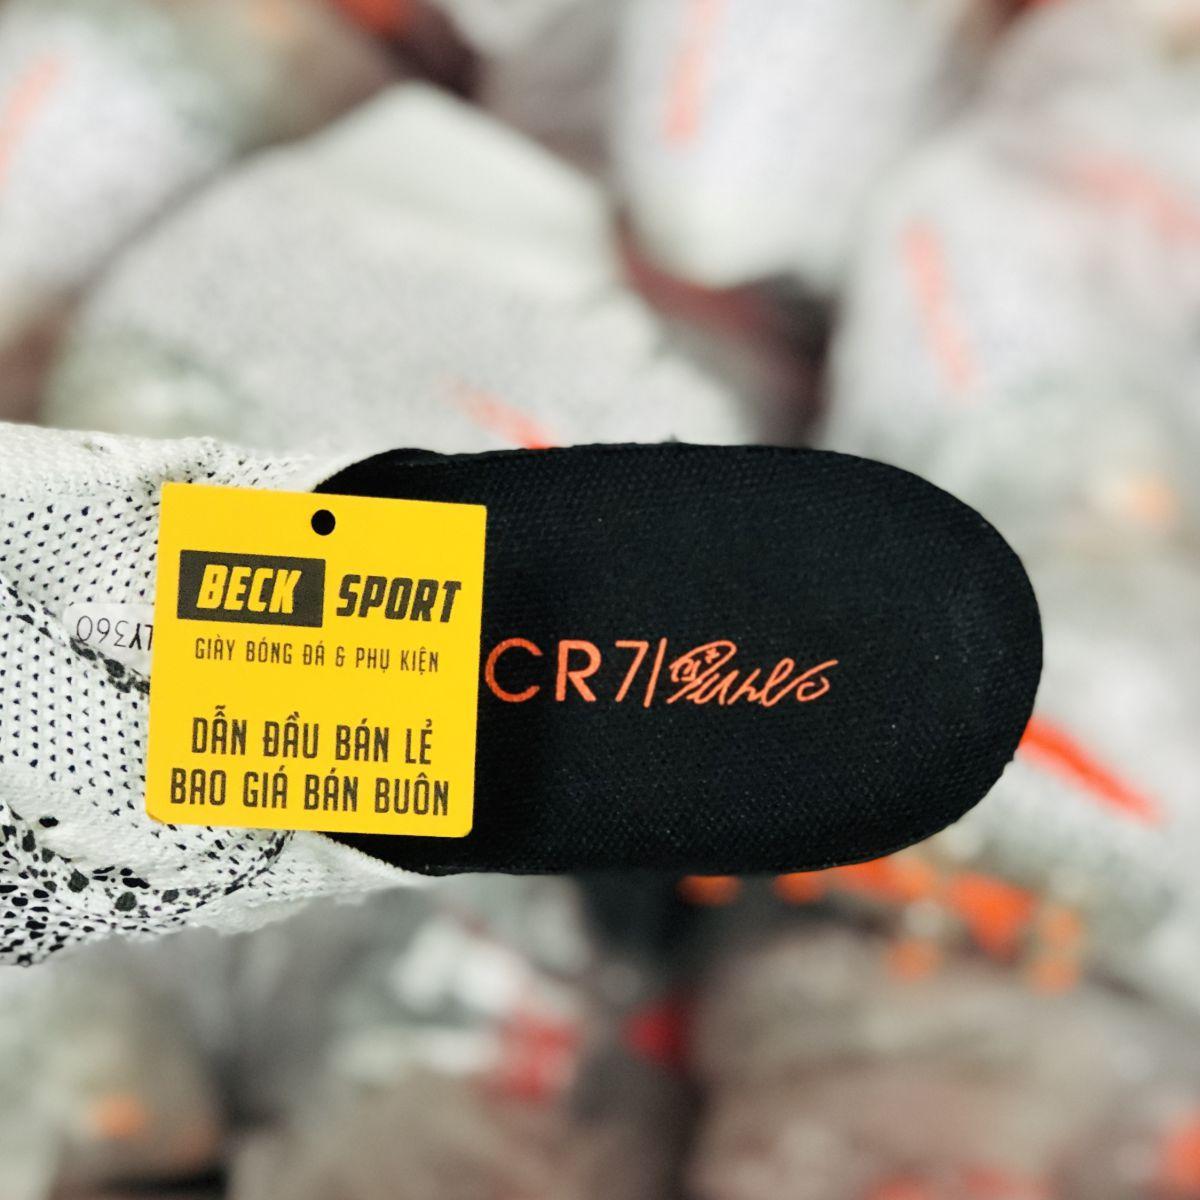 Giày Bóng Đá Nike Mercurial Superfly 7 Elite CR7 Safari Trắng Chấm Đen Vạch Cam Cao Cổ FG